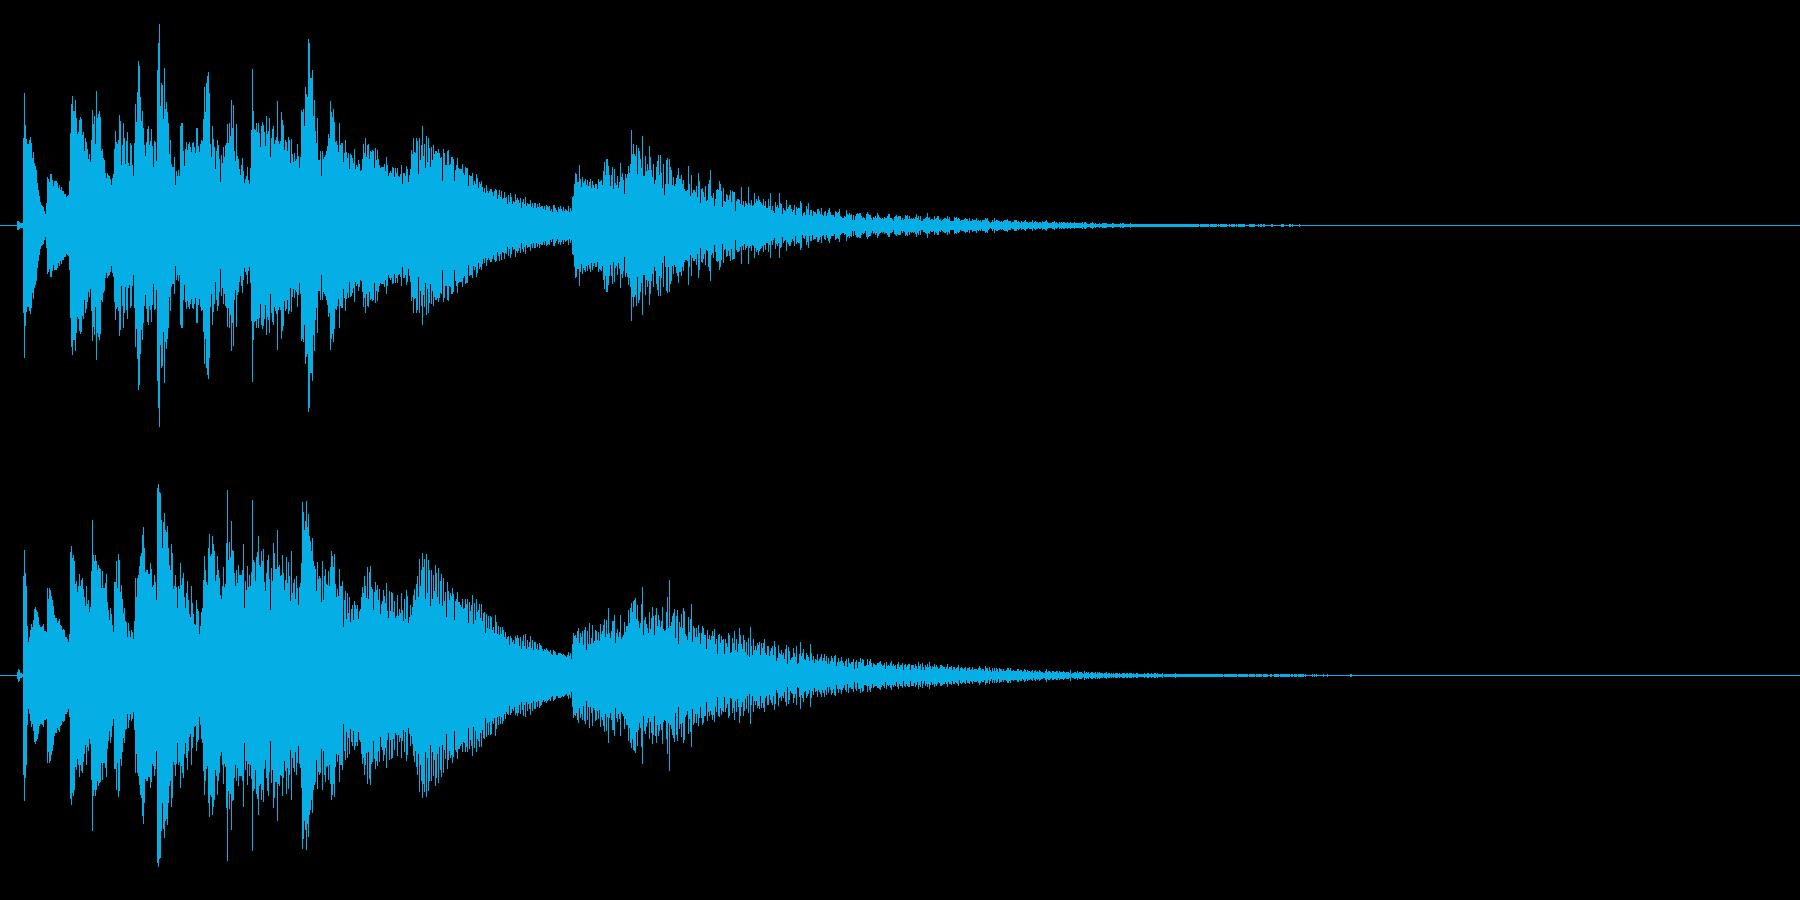 琴のフレーズ4☆調律1の再生済みの波形